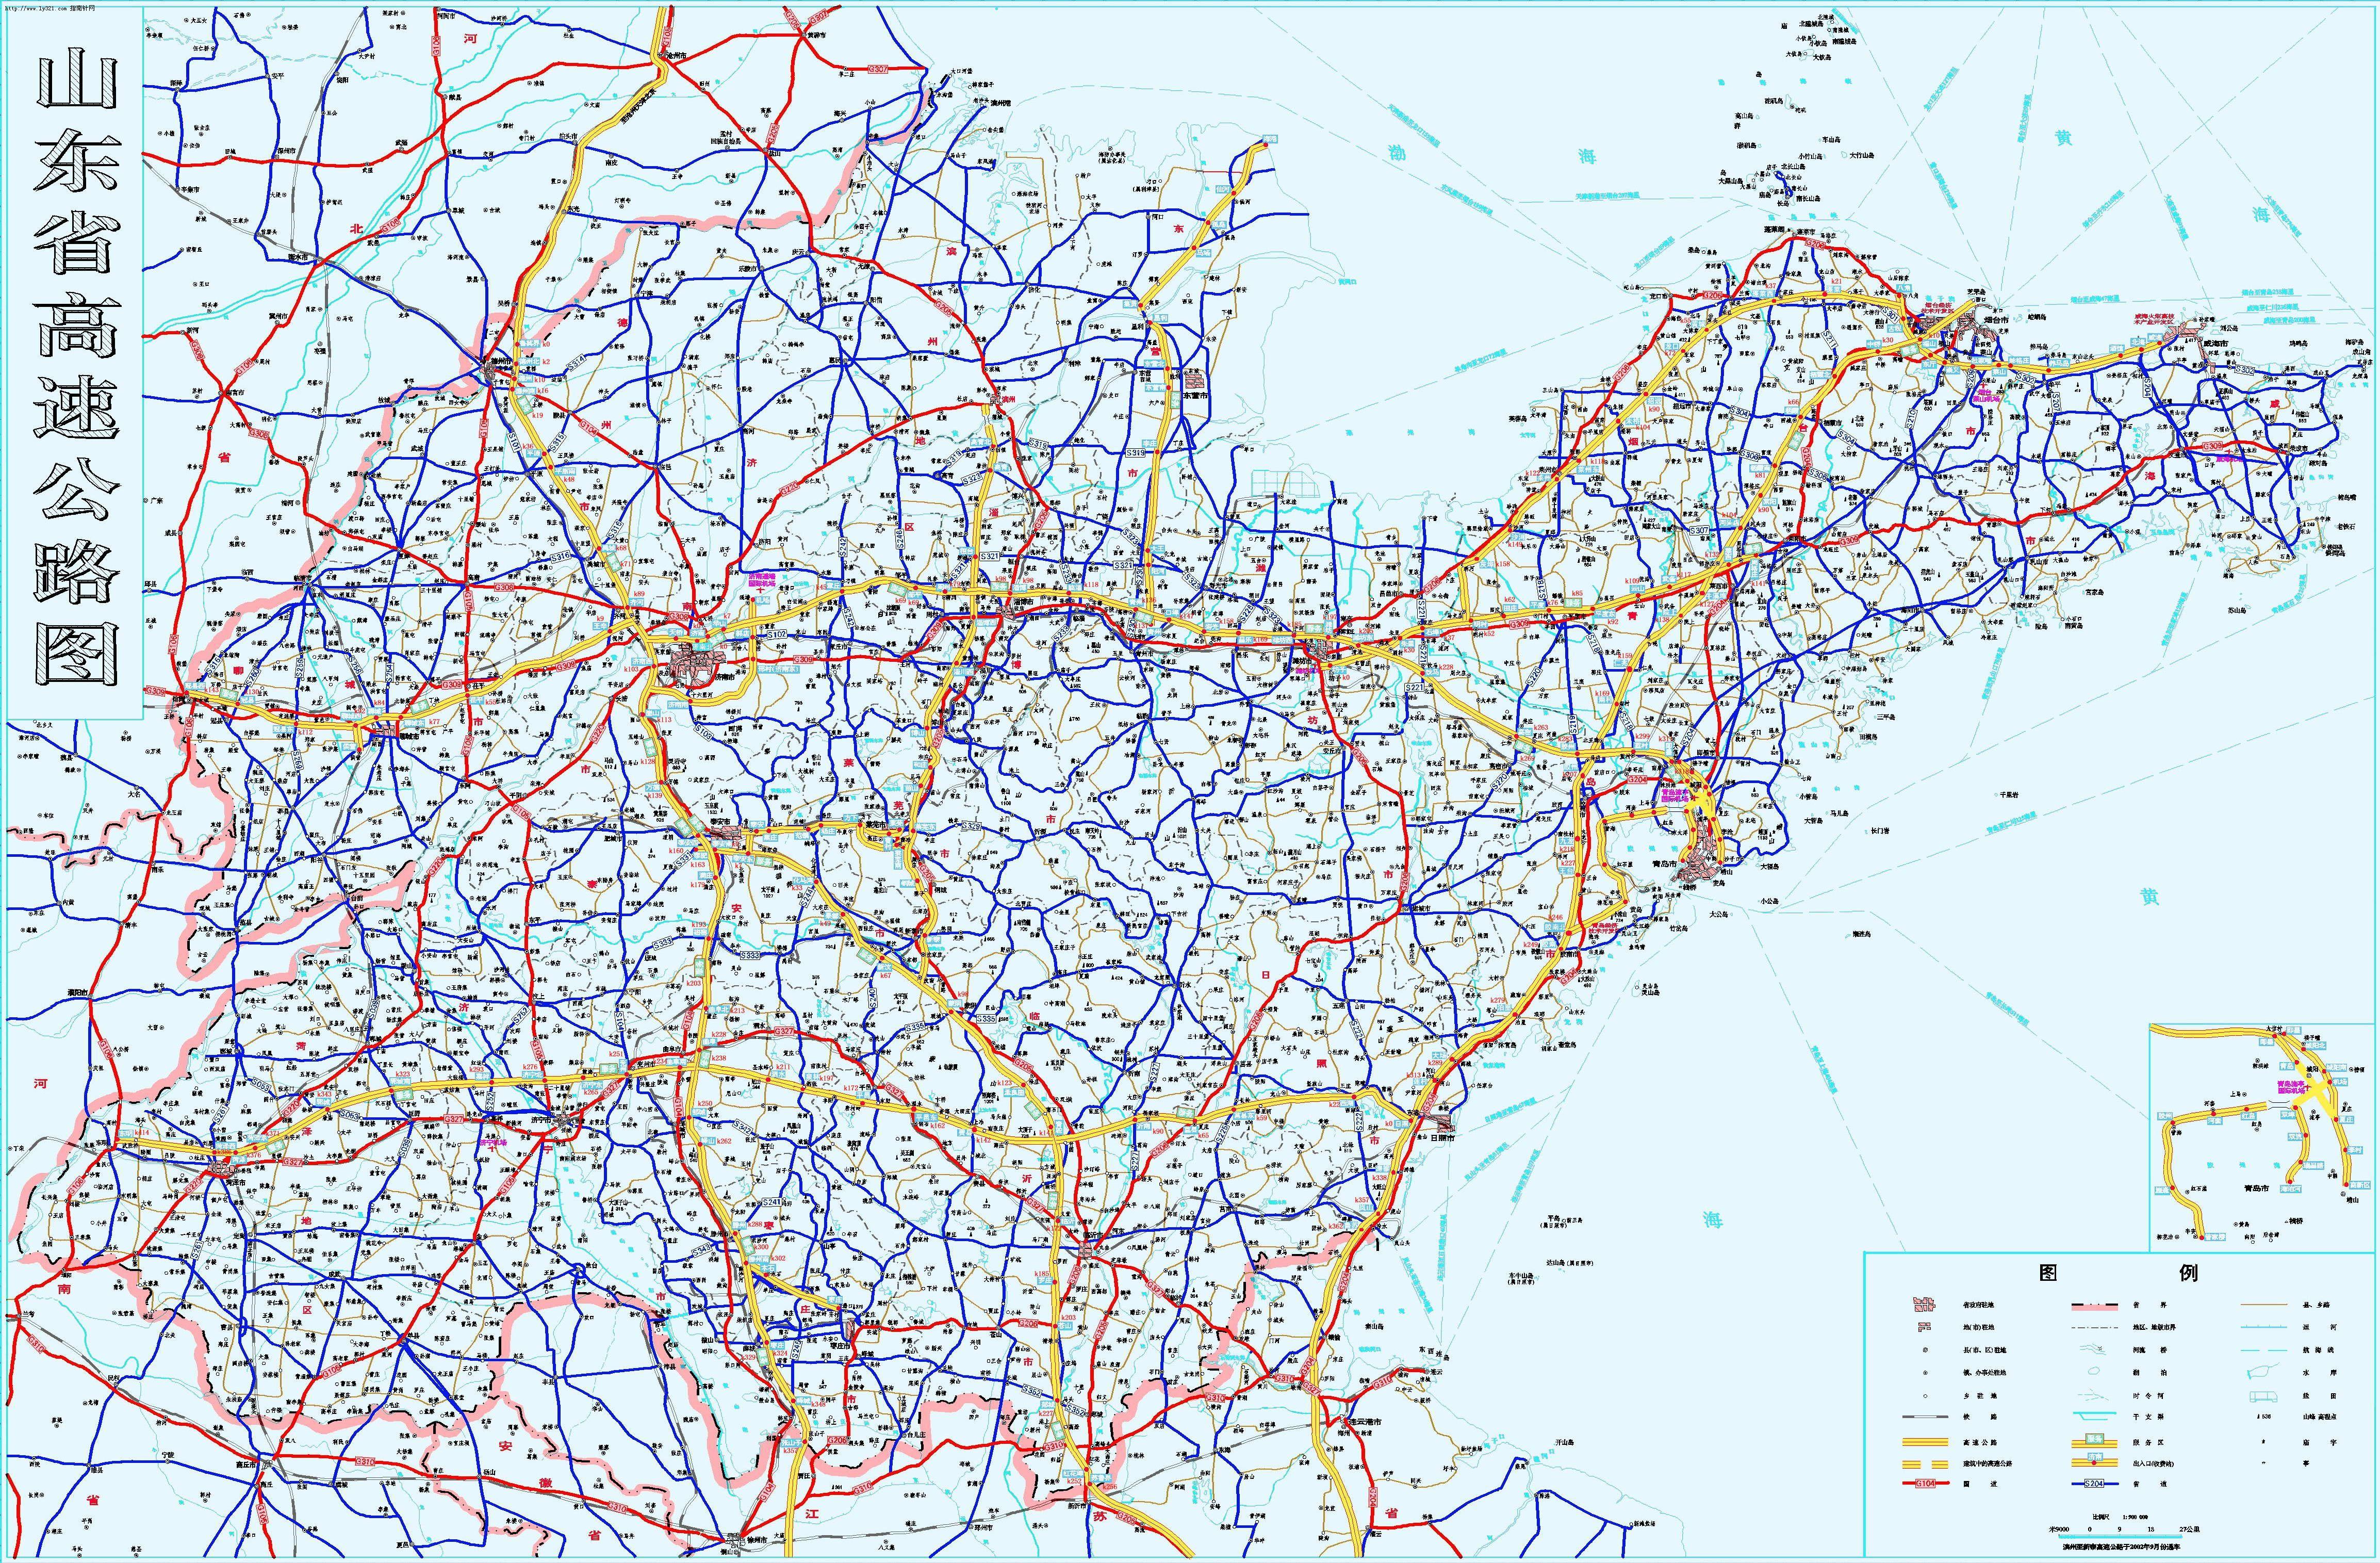 山东省高速公路图 山东地图查询